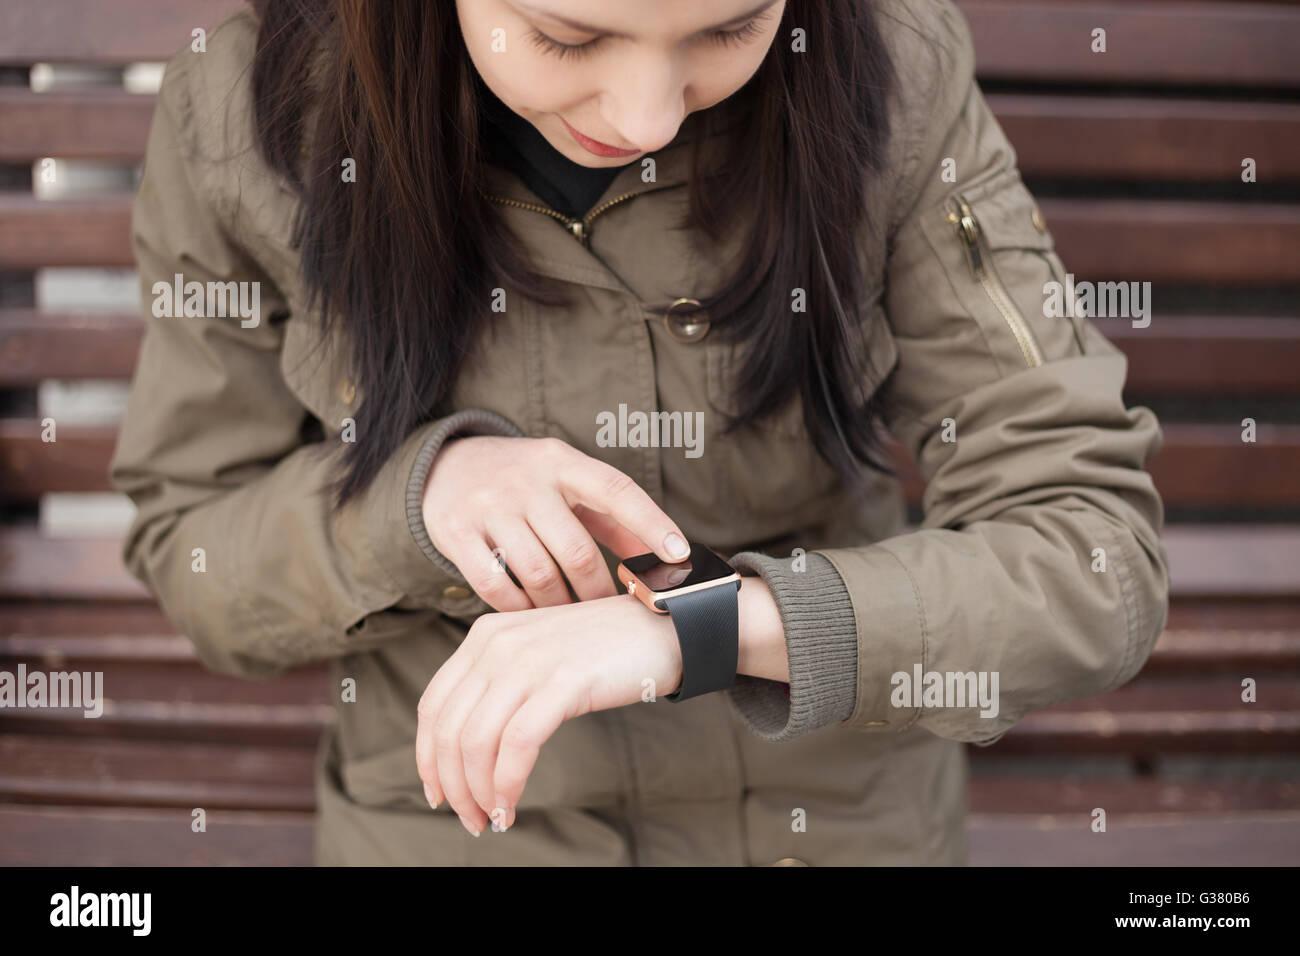 70796d8b90d0 Junge Hipster Mädchen in Parka Mantel mit ihrem smart-Uhr. Das neue Gadget  können